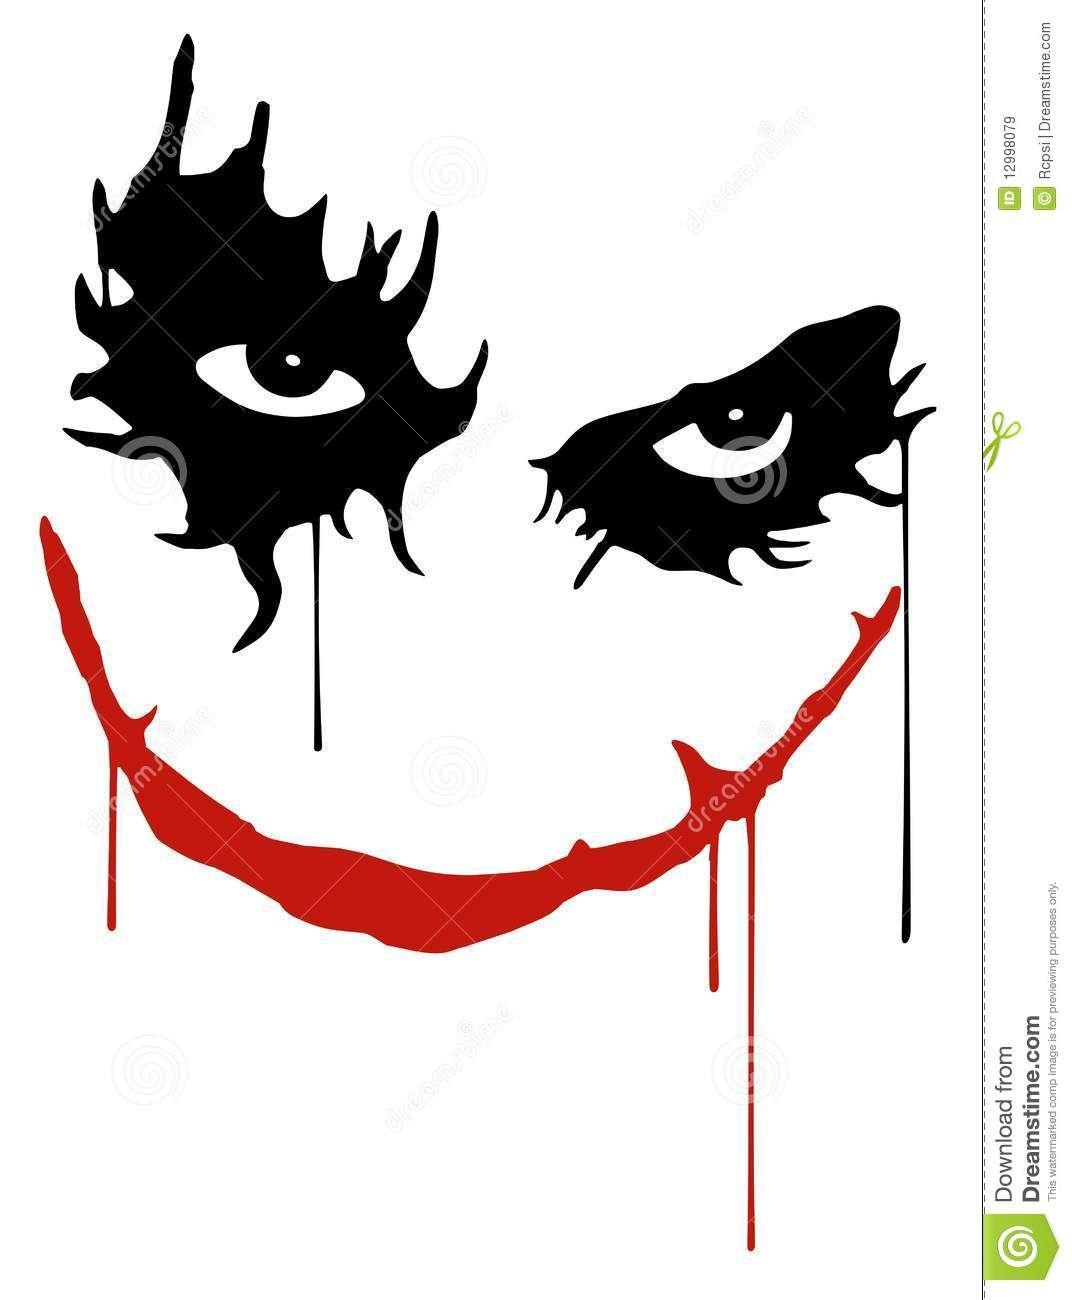 Images For > Joker Card Pumpkin Stencil | For Sadia | Joker In Joker Card Template